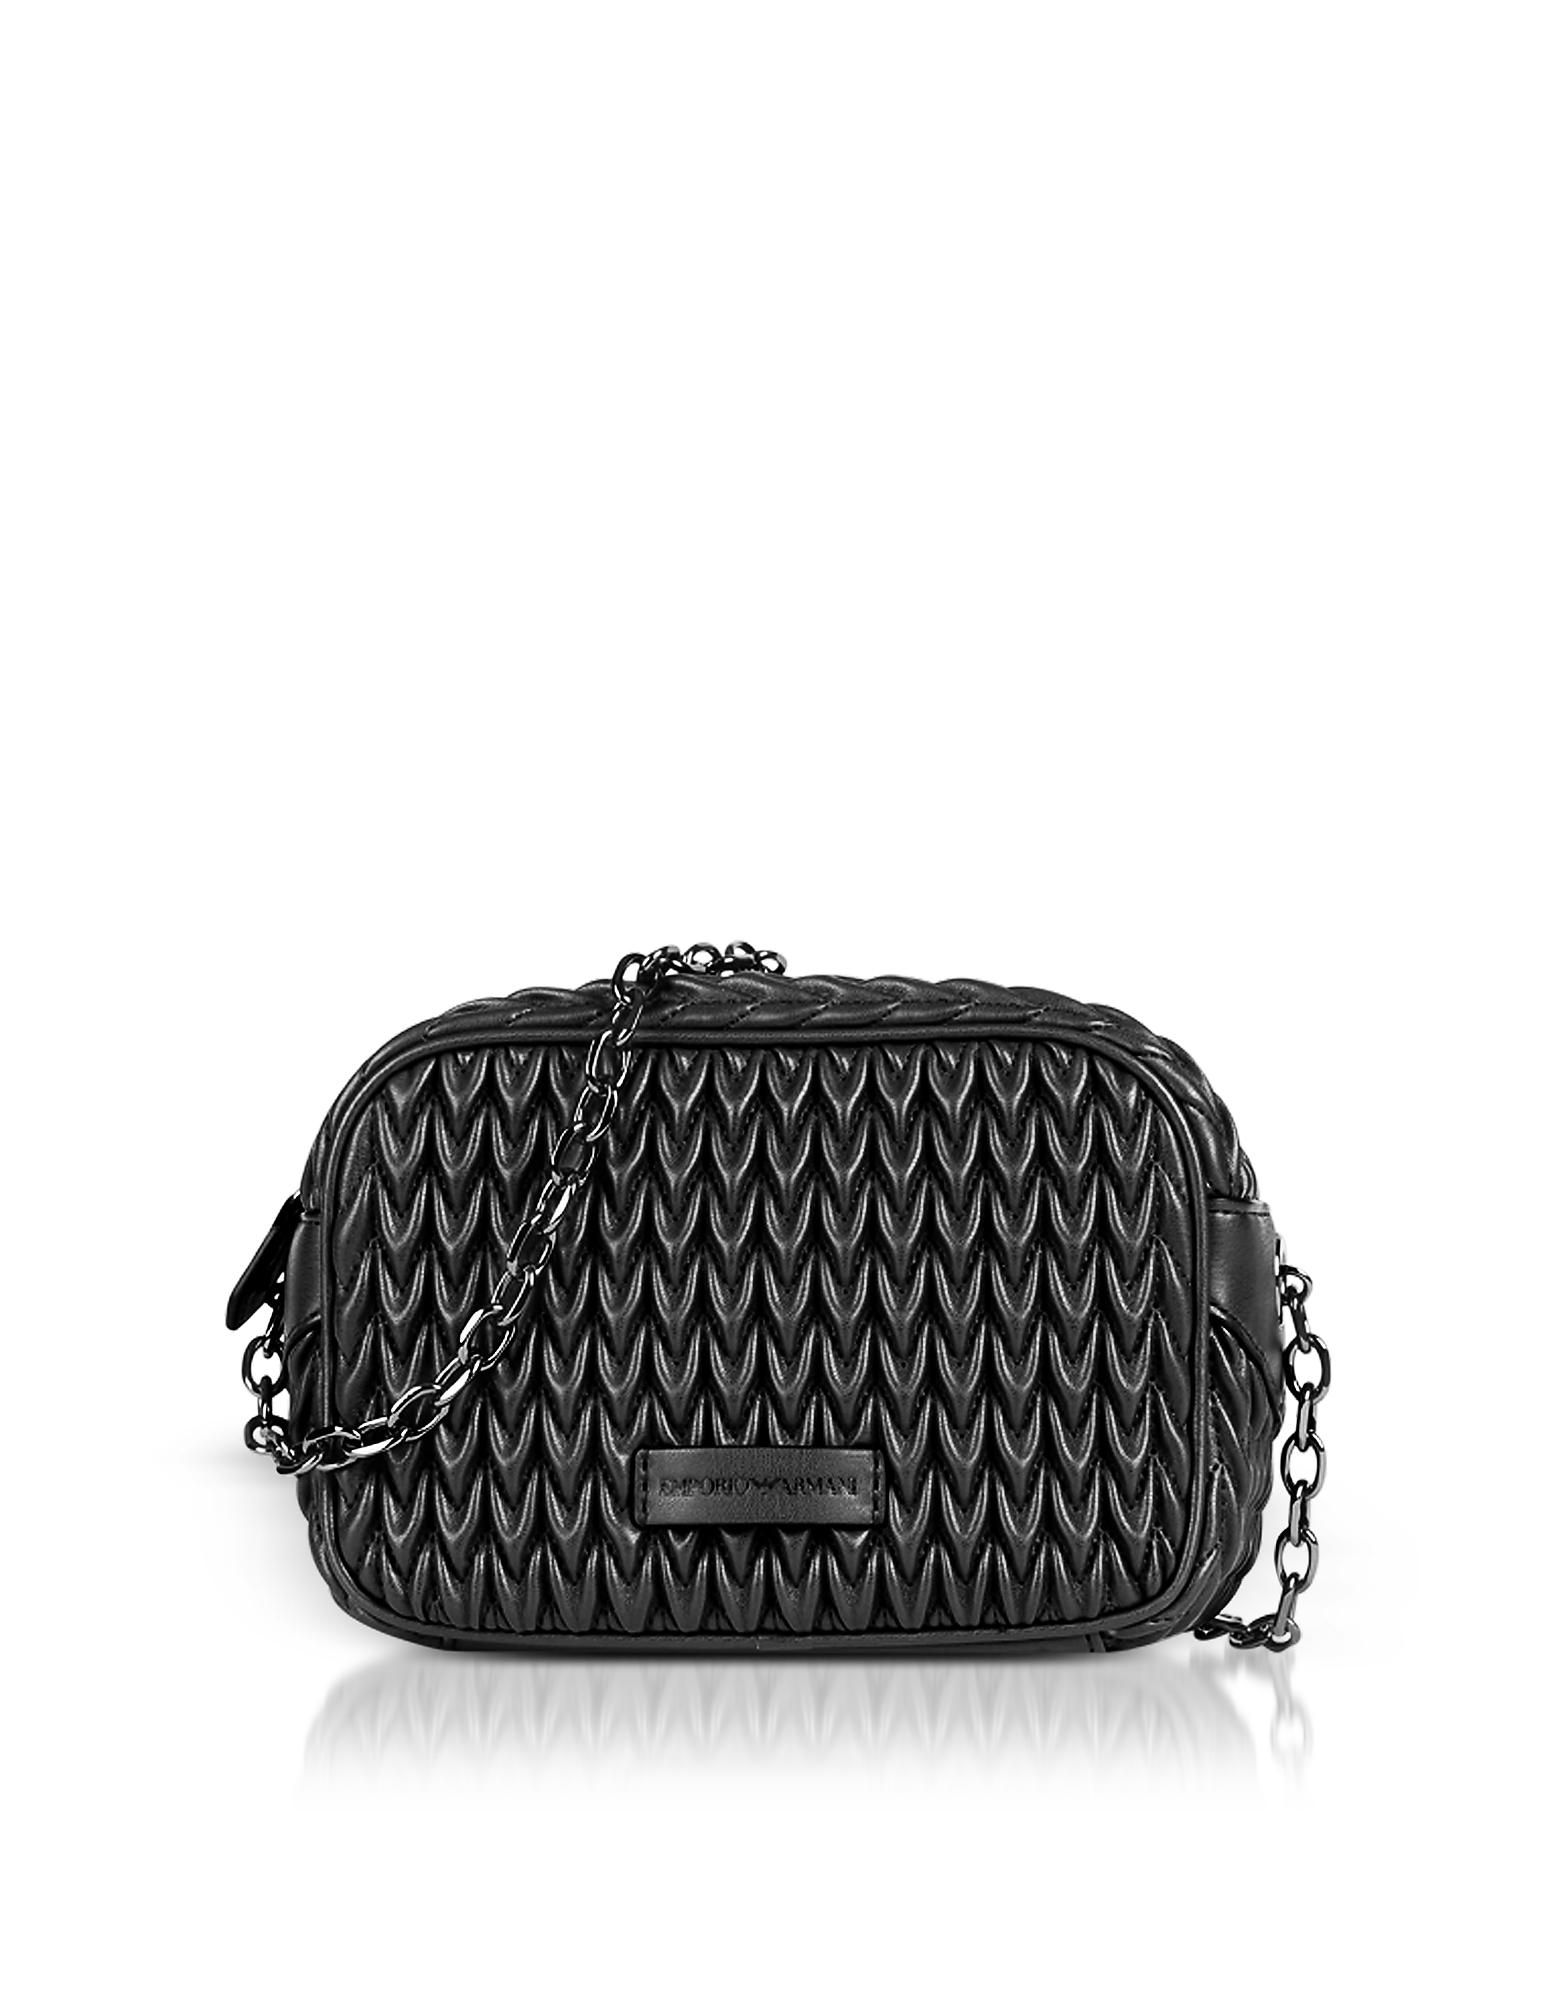 Emporio Armani Designer Handbags 8958c5efd5225